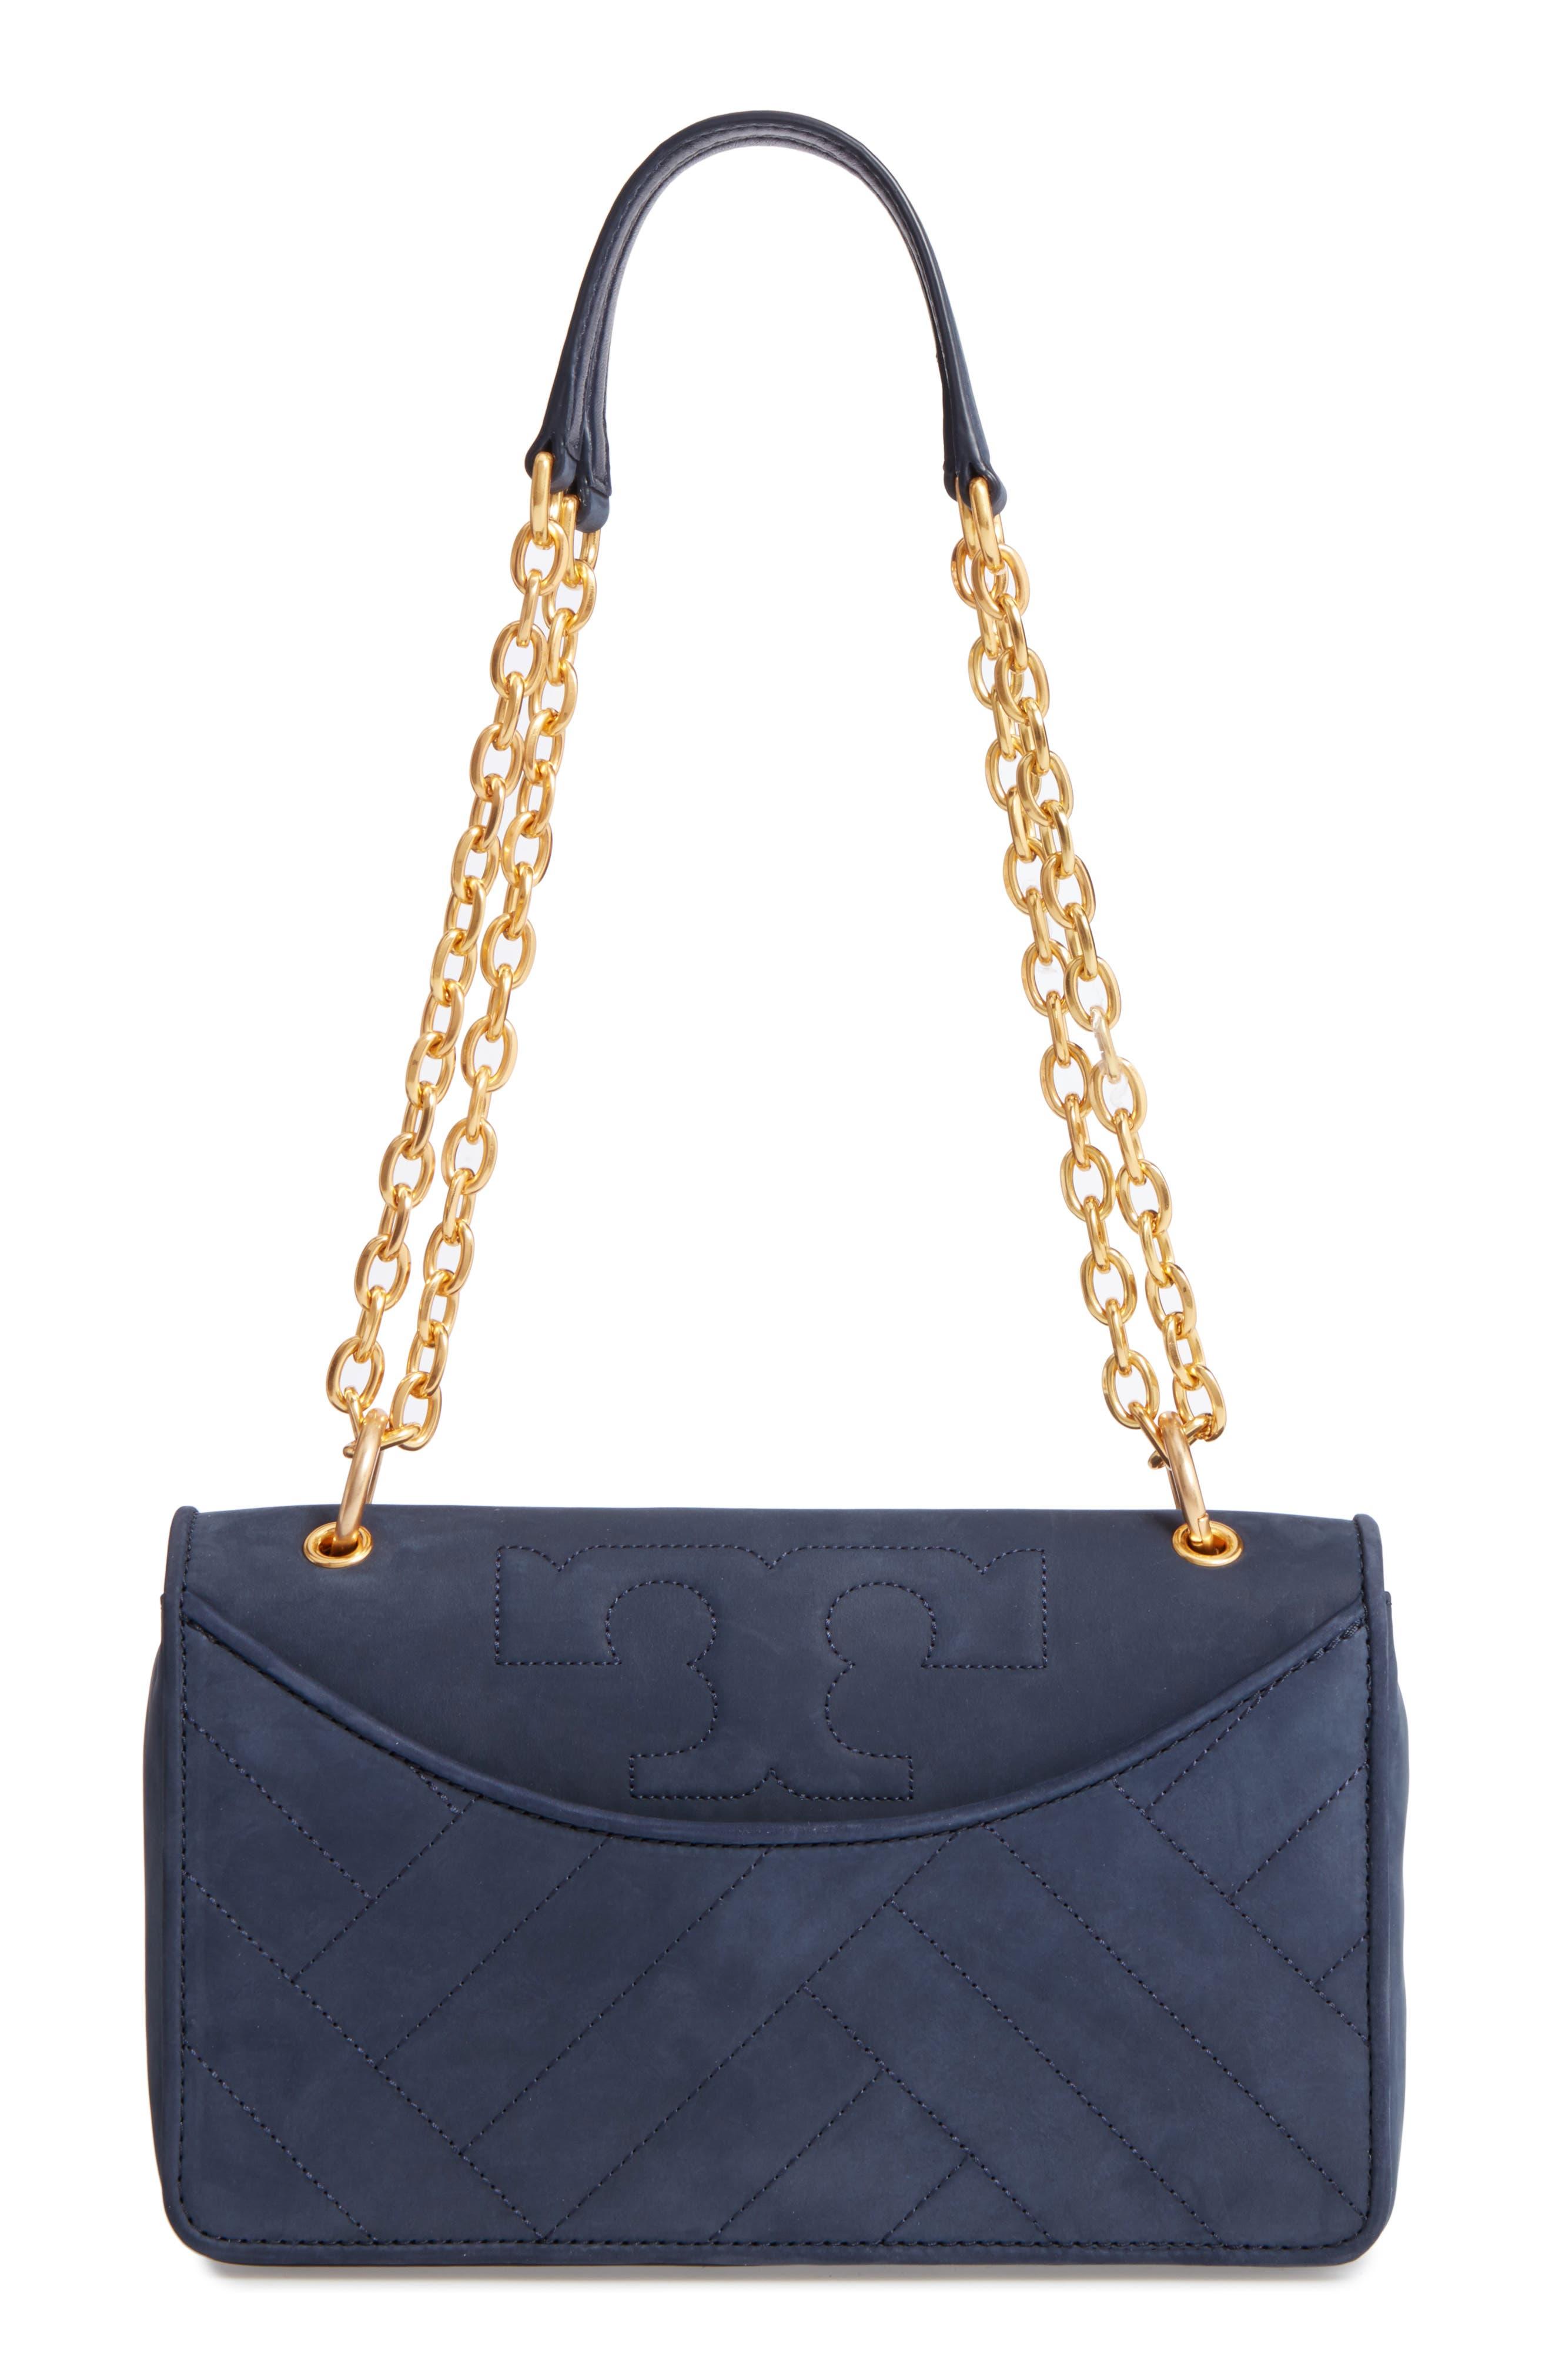 Alexa Leather Shoulder Bag,                         Main,                         color, Royal Navy